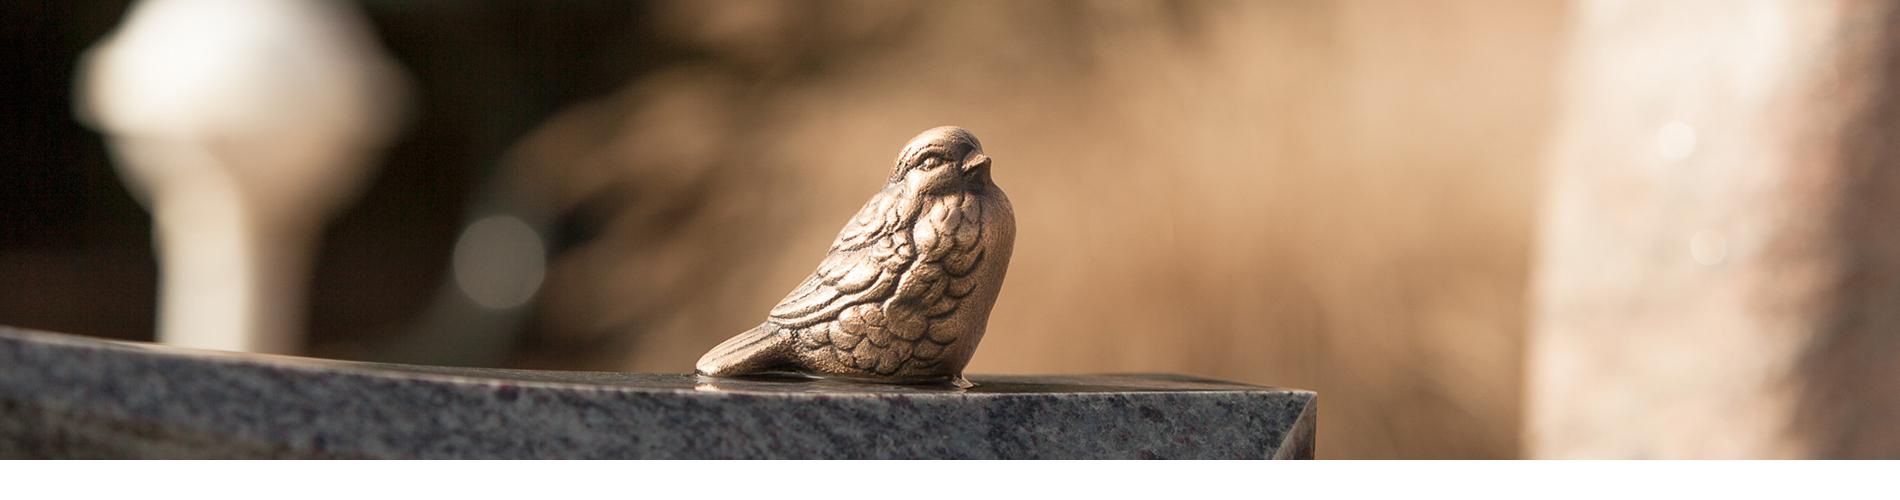 Het kiezen van een grafsteen is voor veel nabestaanden best lastig. In onze sfeervolle monumententuin achter het rouwcentrum, kunt u in alle rust rondkijken en een keuze maken. Er is een zeer uitgebreide collectie grafstenen en andere monumenten te zien.